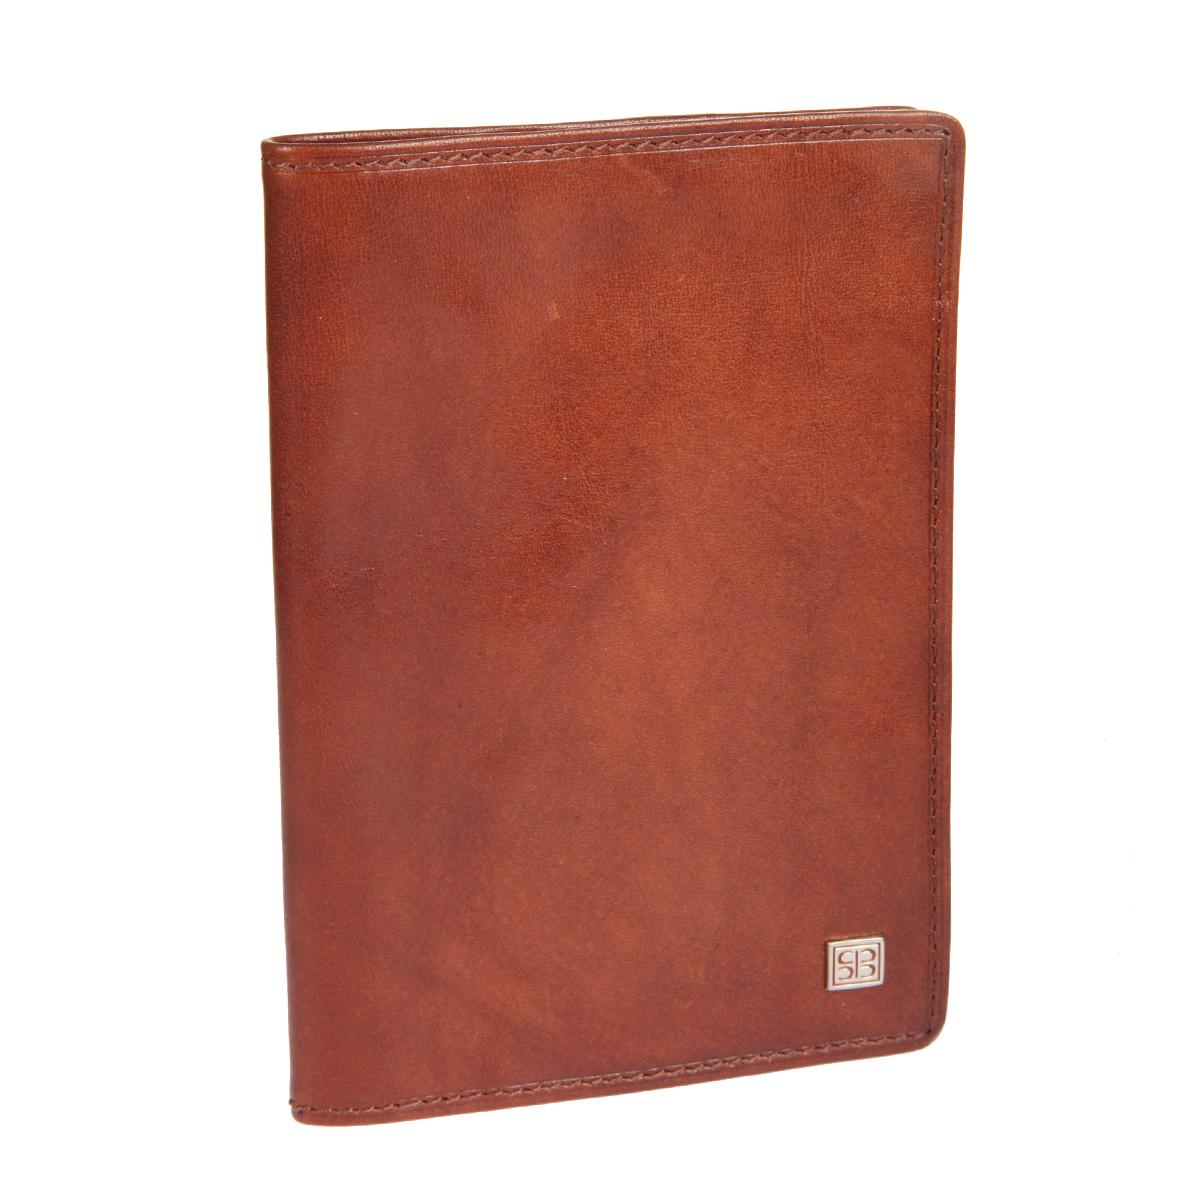 Обложка для паспорта Sergio Belotti, цвет: коричневый. 24642464 oro brownСтильная обложка для паспорта Sergio Belotti выполнена из натуральной высококачественной кожи и оформлена на лицевой стороне небольшой металлической пластиной с гравировкой в виде логотипа бренда. Изделие раскладывается пополам. Внутри - сетчатый карман, кармашек-уголок и два накладных кармана (один из них для sim-карты). Изделие упаковано в фирменную коробку. Такая обложка для паспорта станет отличным подарком для человека, ценящего качественные и стильные вещи.